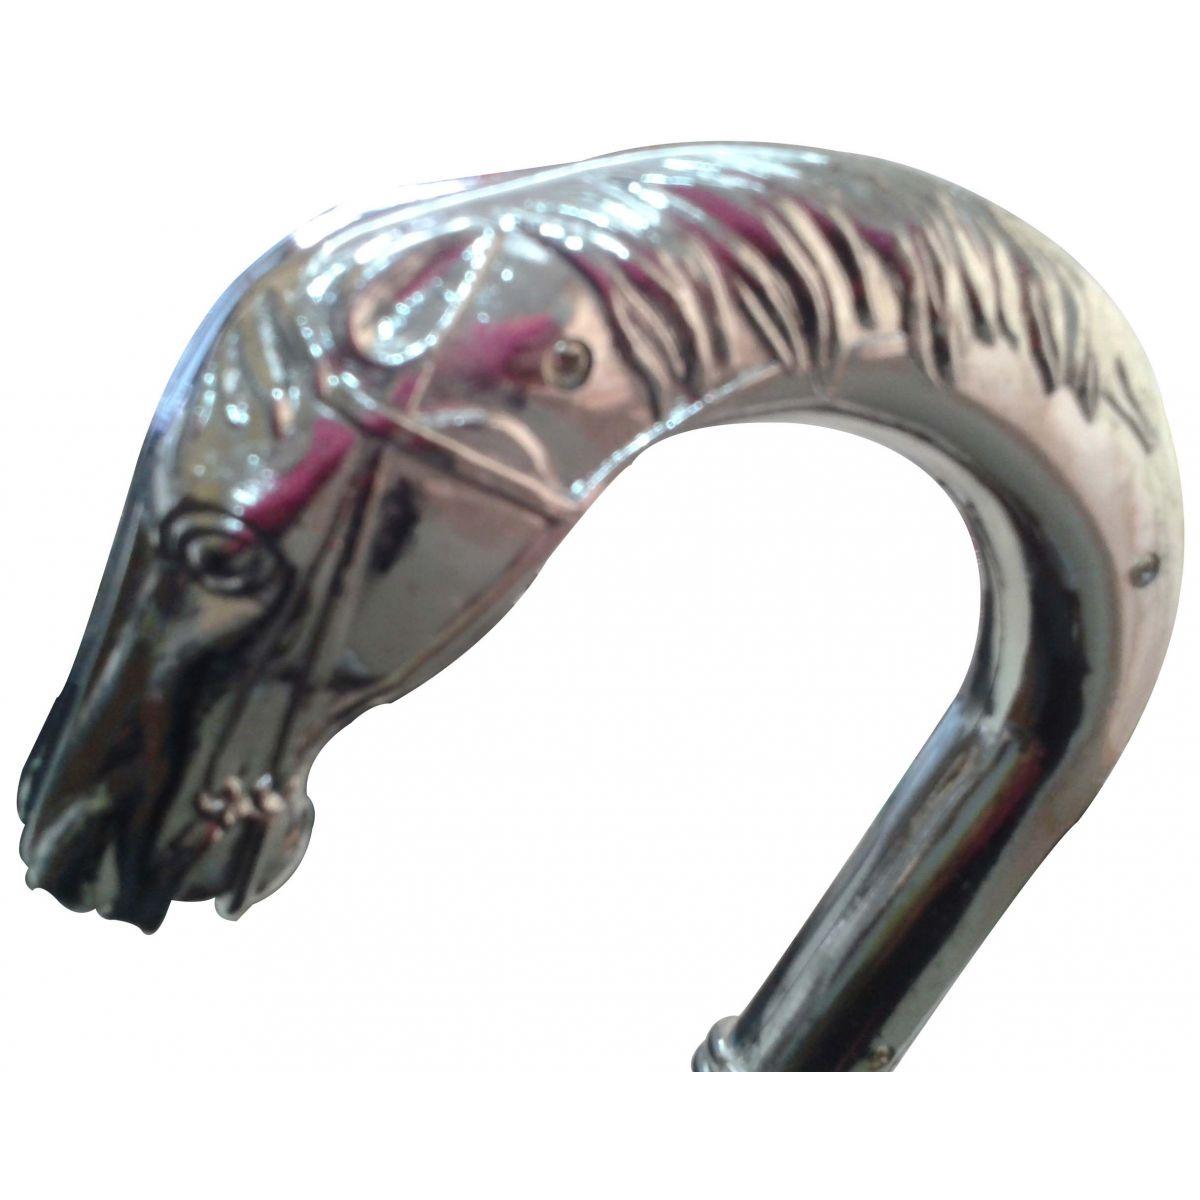 Bengala Cabeça Curva Metalizada - Frete Grátis  - Thata Esportes